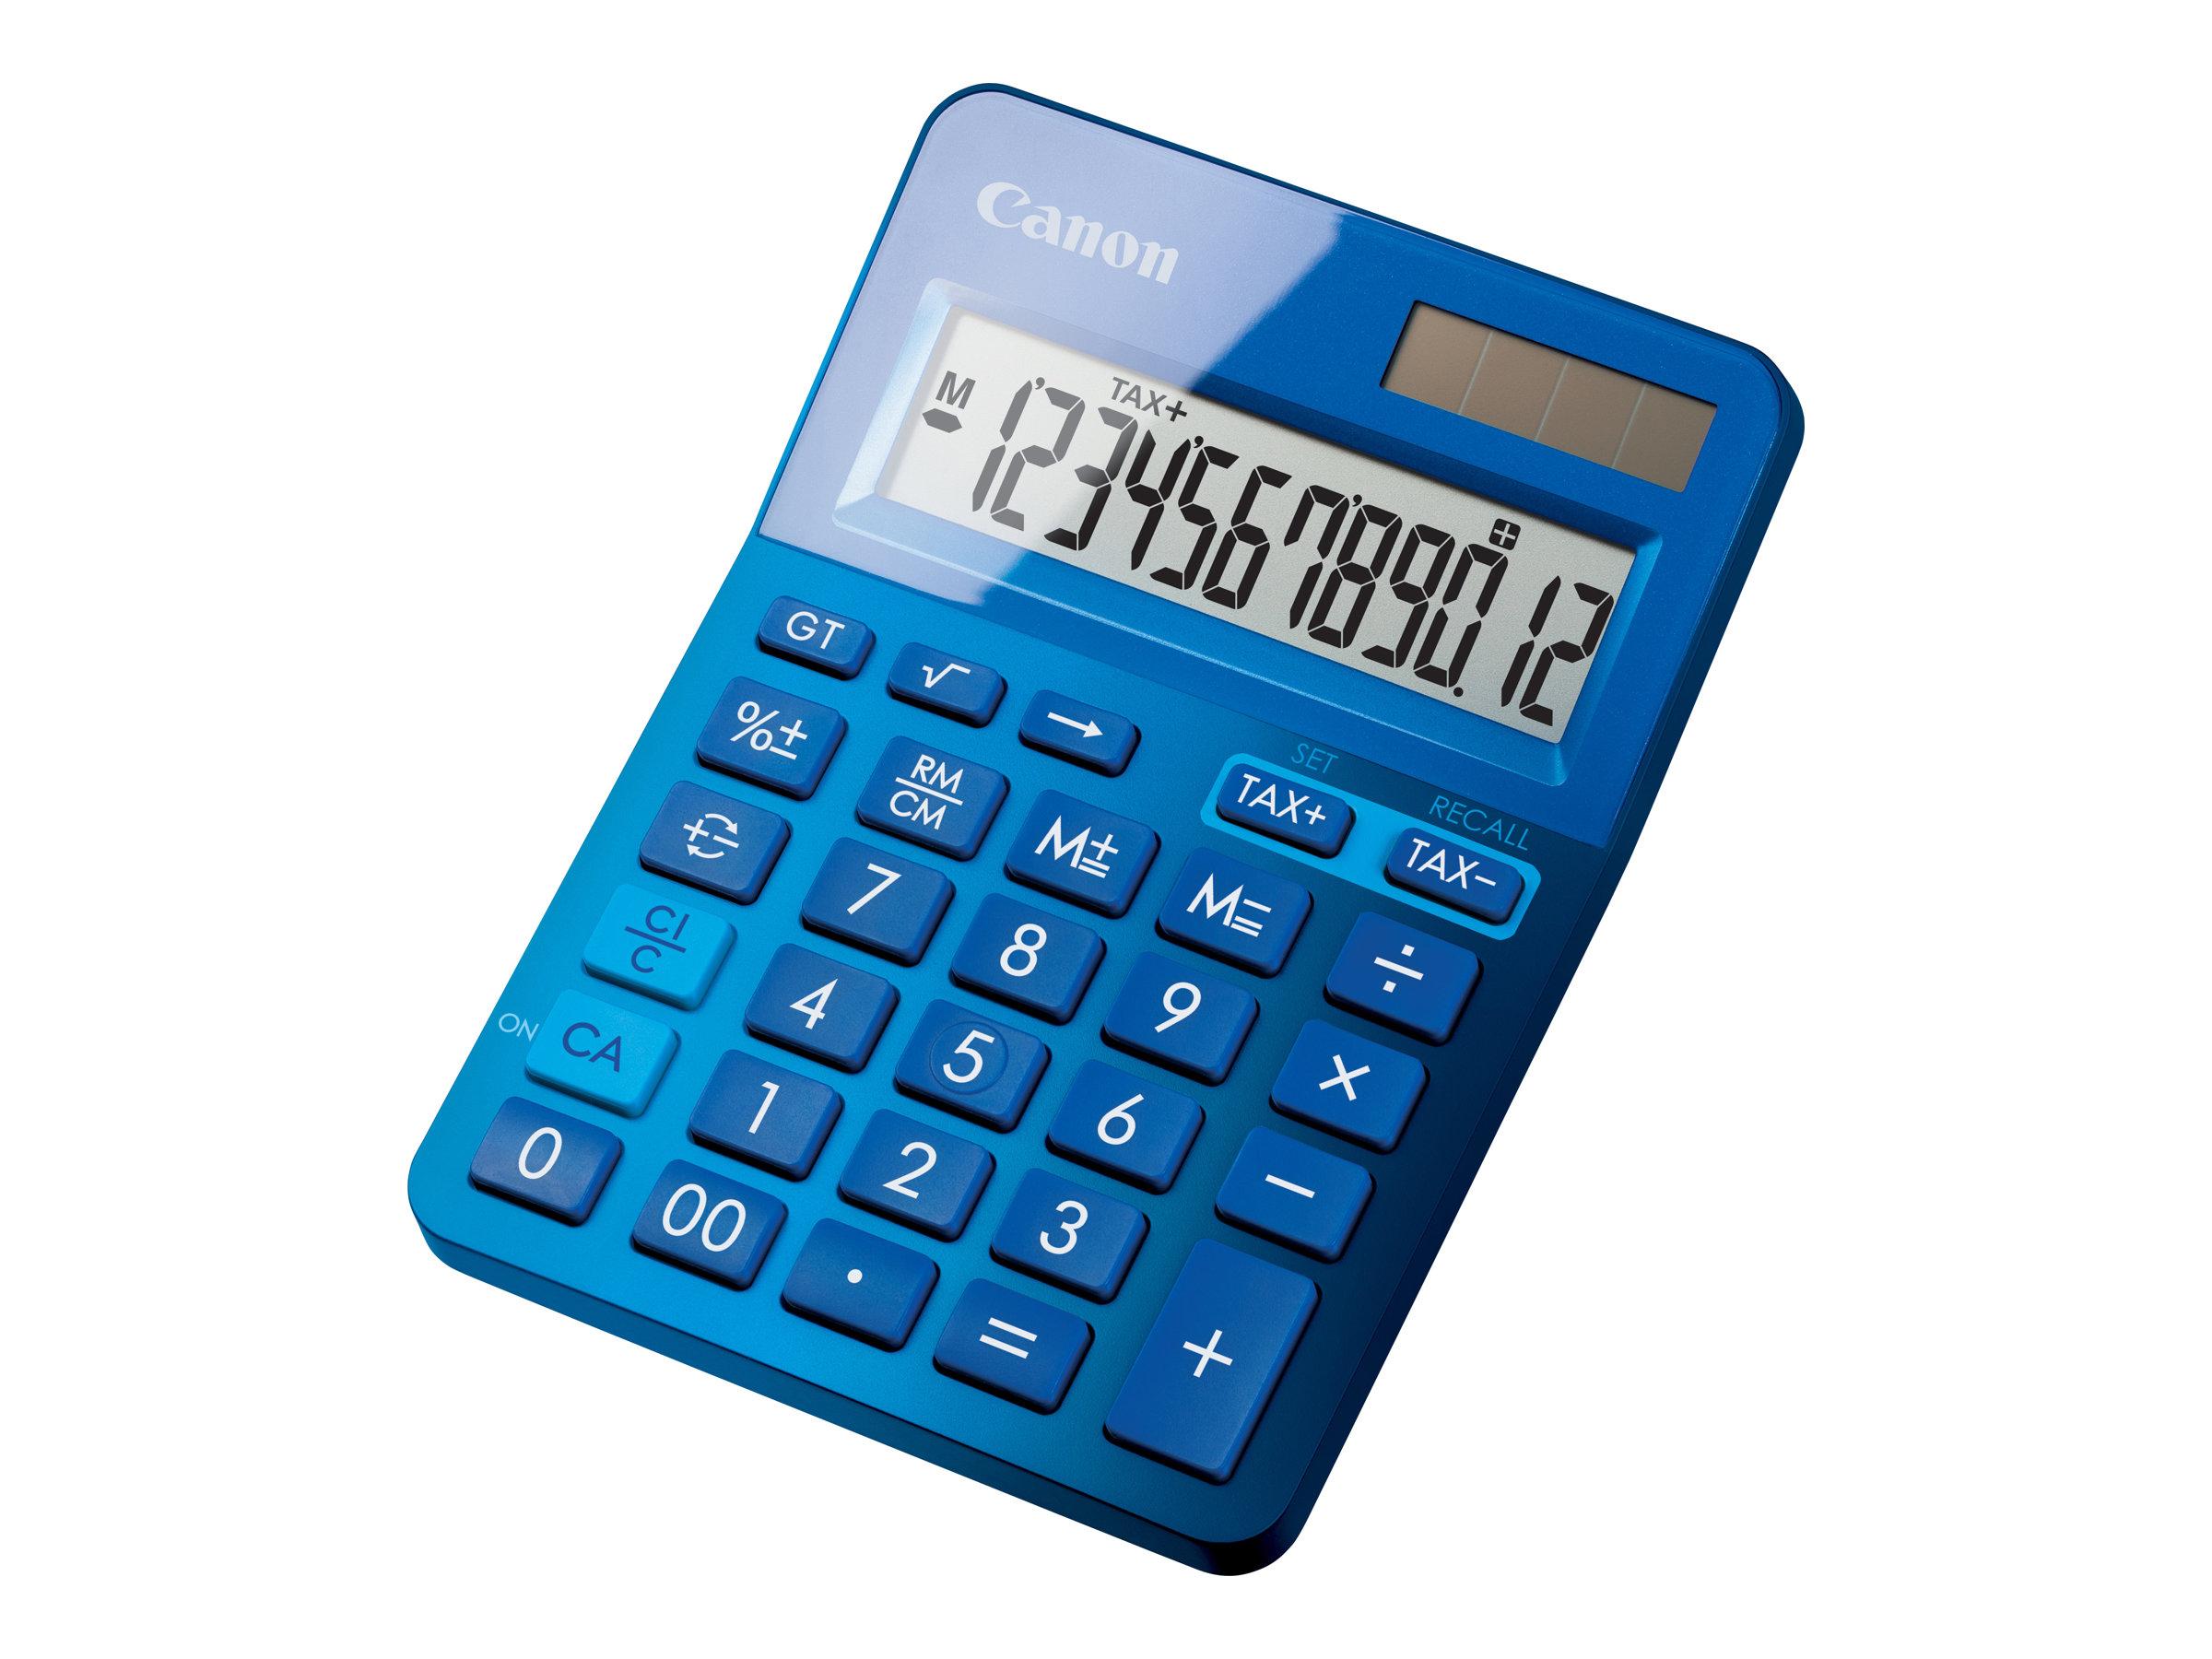 Canon LS-123K - Desktop-Taschenrechner - 12 Stellen - Solarpanel, Batterie - Metallisch Blau